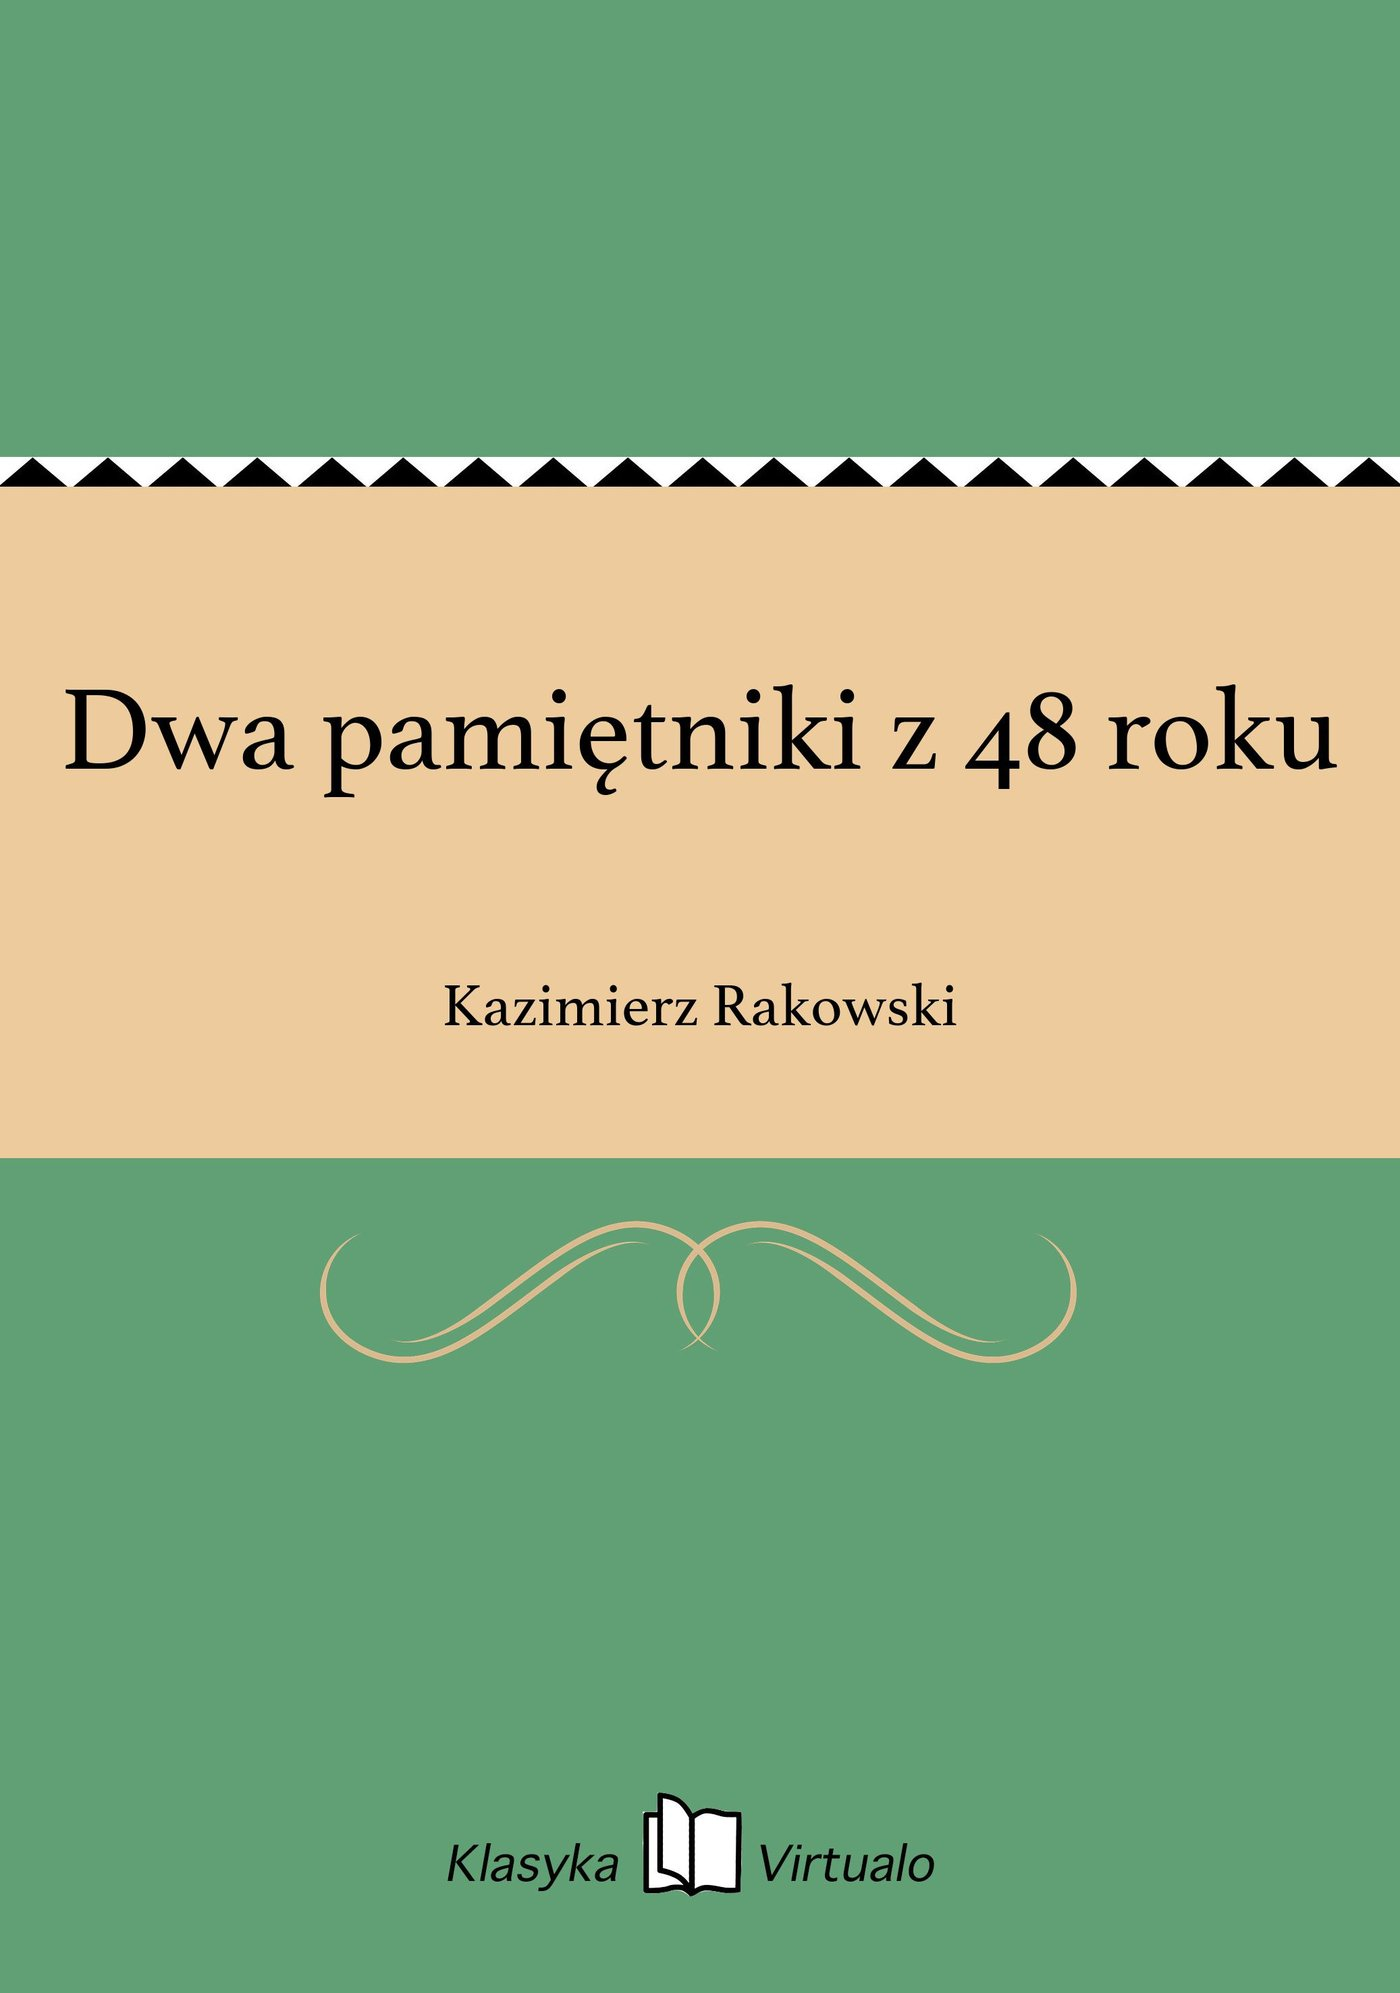 Dwa pamiętniki z 48 roku - Ebook (Książka EPUB) do pobrania w formacie EPUB